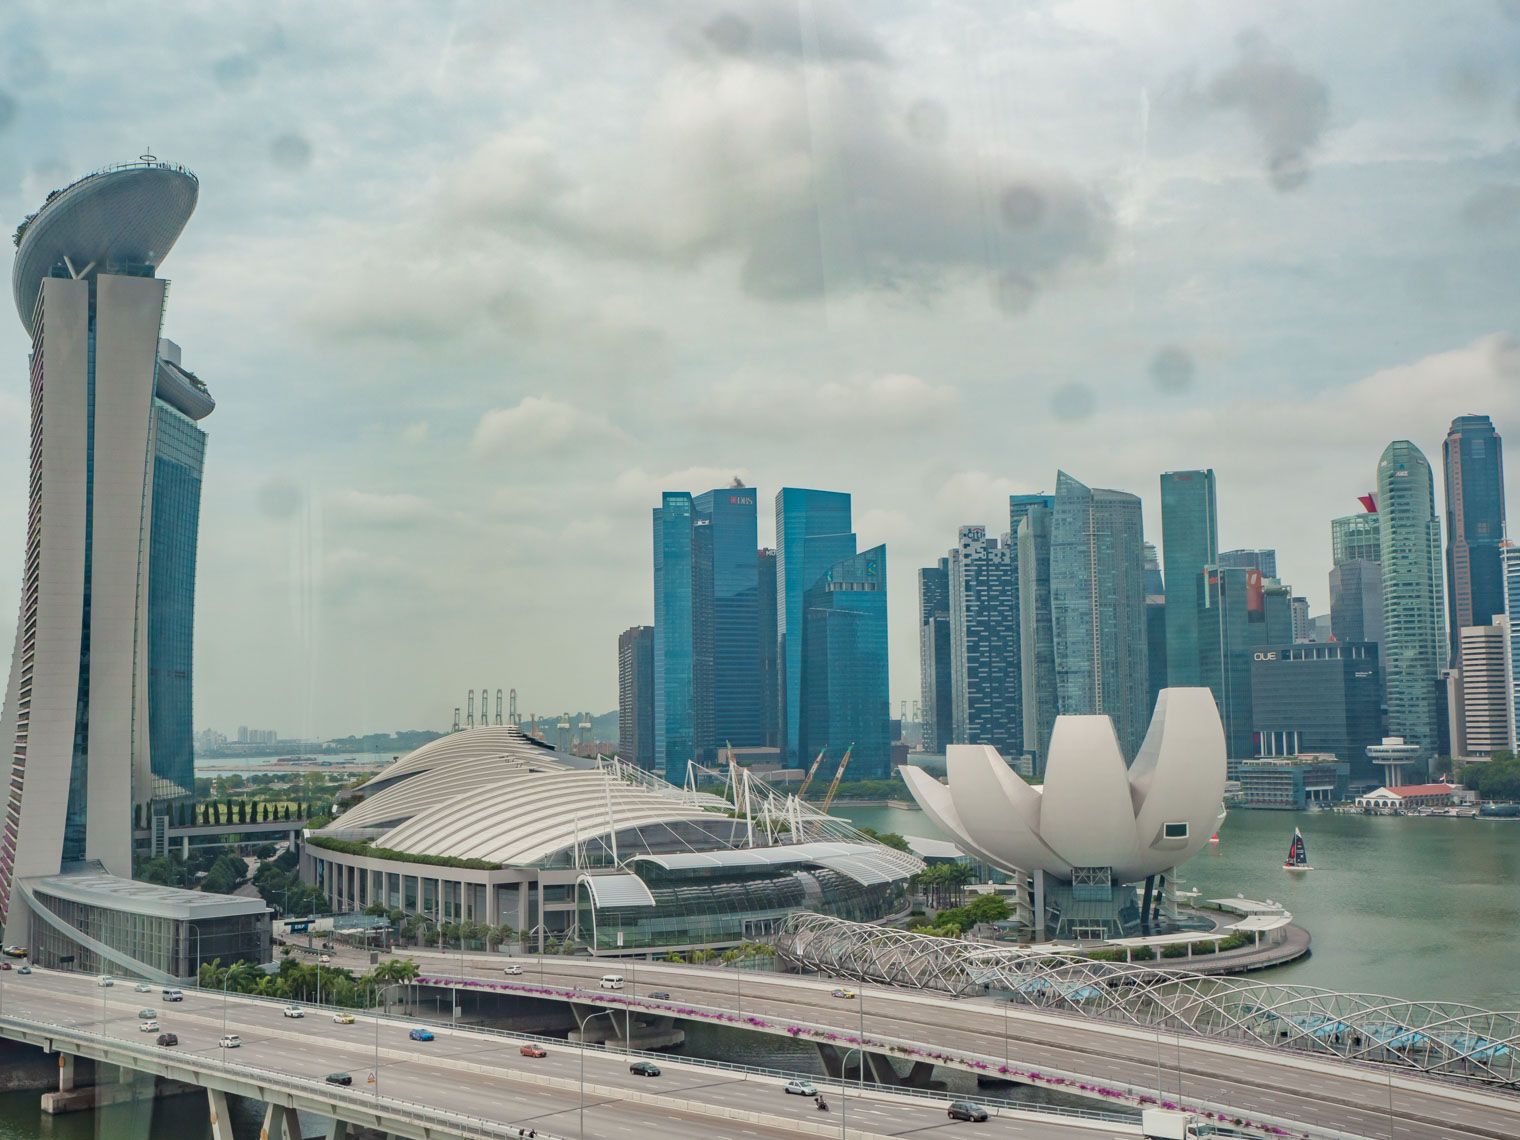 Singapore view at Marina Bay Sands